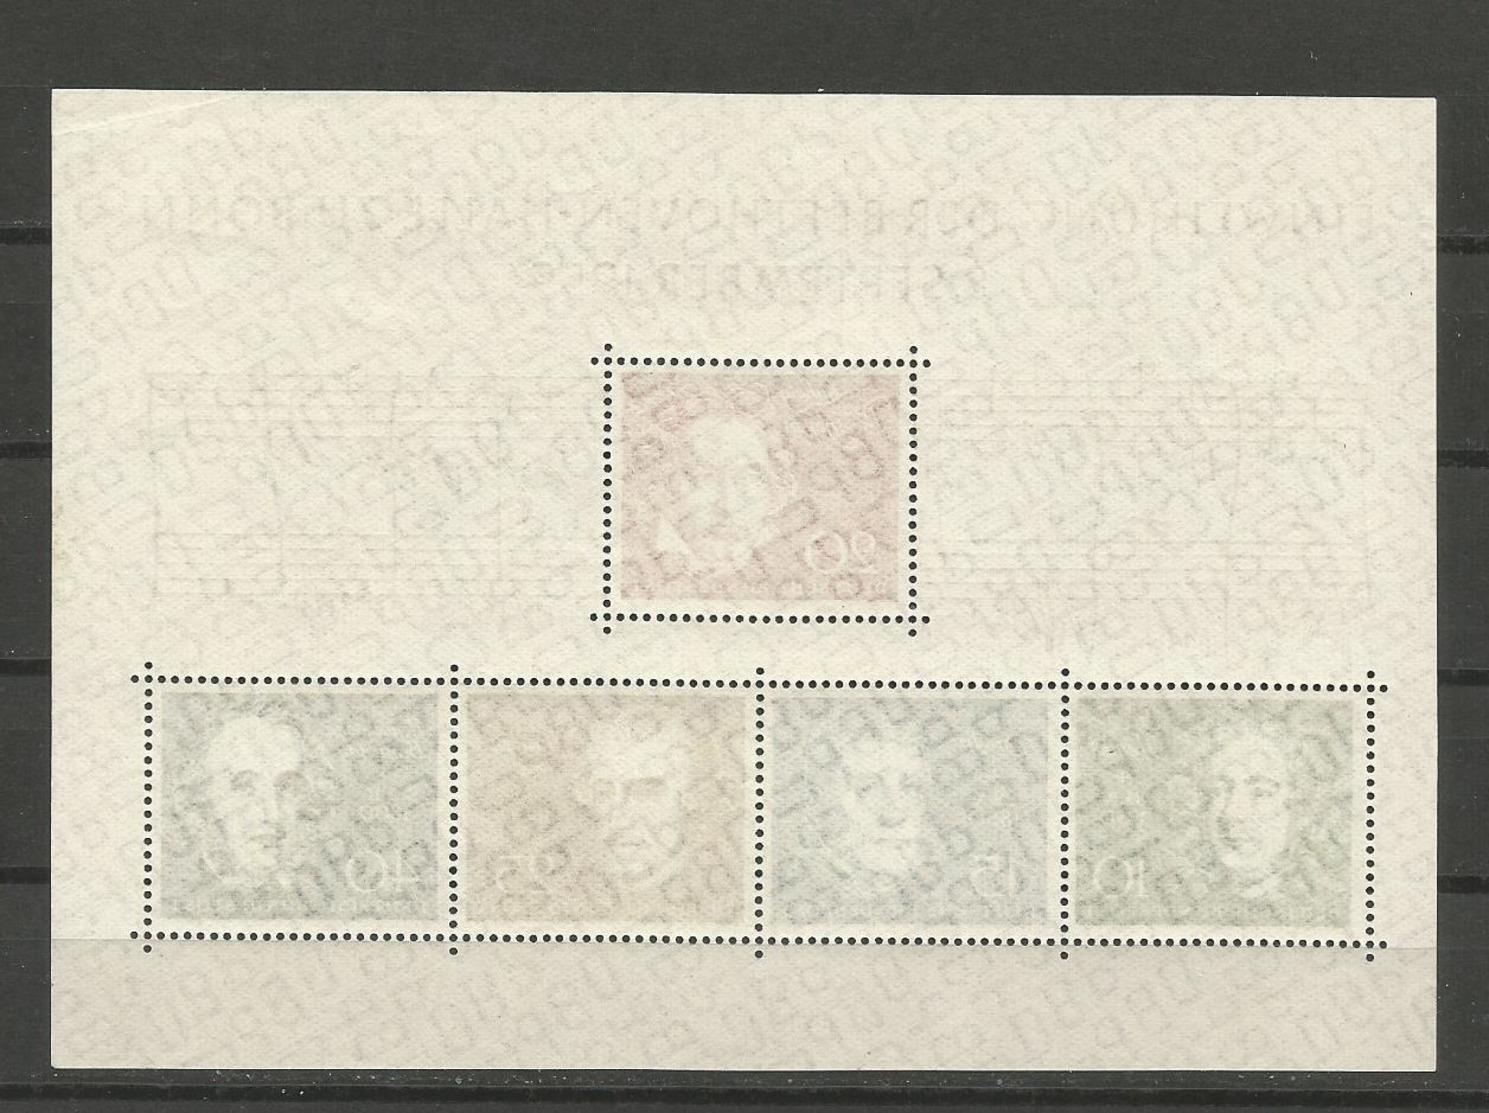 GERMANY DEUTSCHLAND 1959 BLOK BLOCK BEETHOVEN UNUSED - Unused Stamps